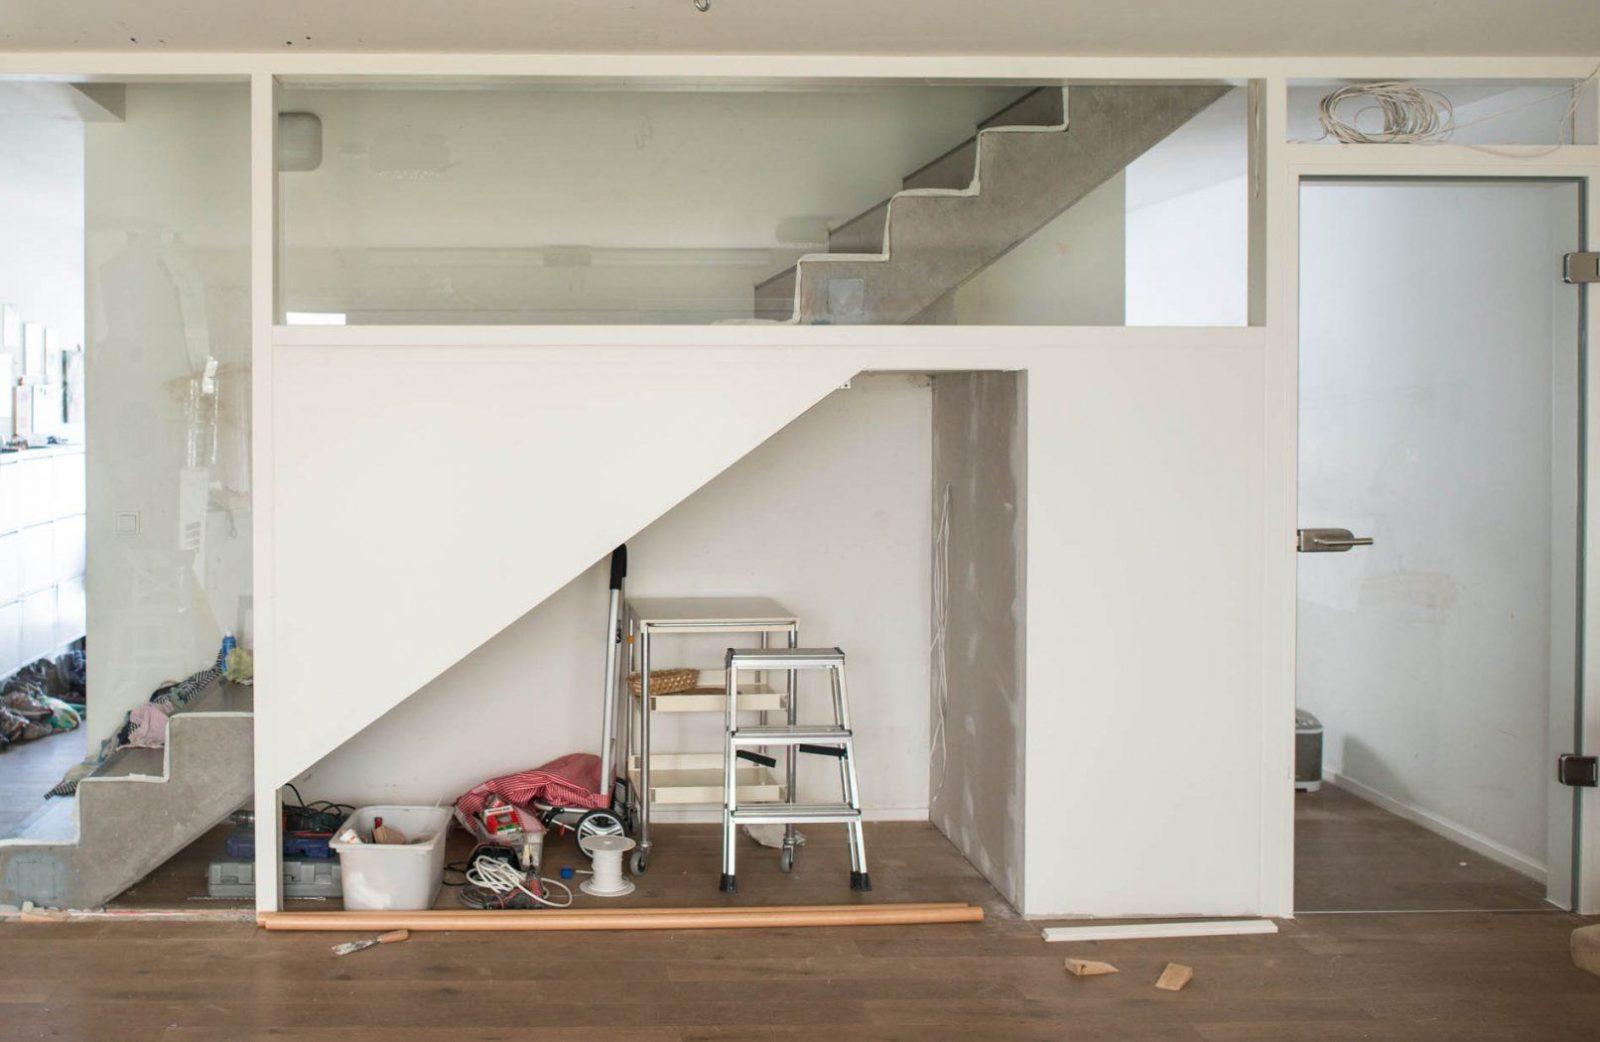 Verwunderlich Schrank Unter Offener Treppe Selber Bauen Schrank von Schrank Unter Treppe Ikea Photo